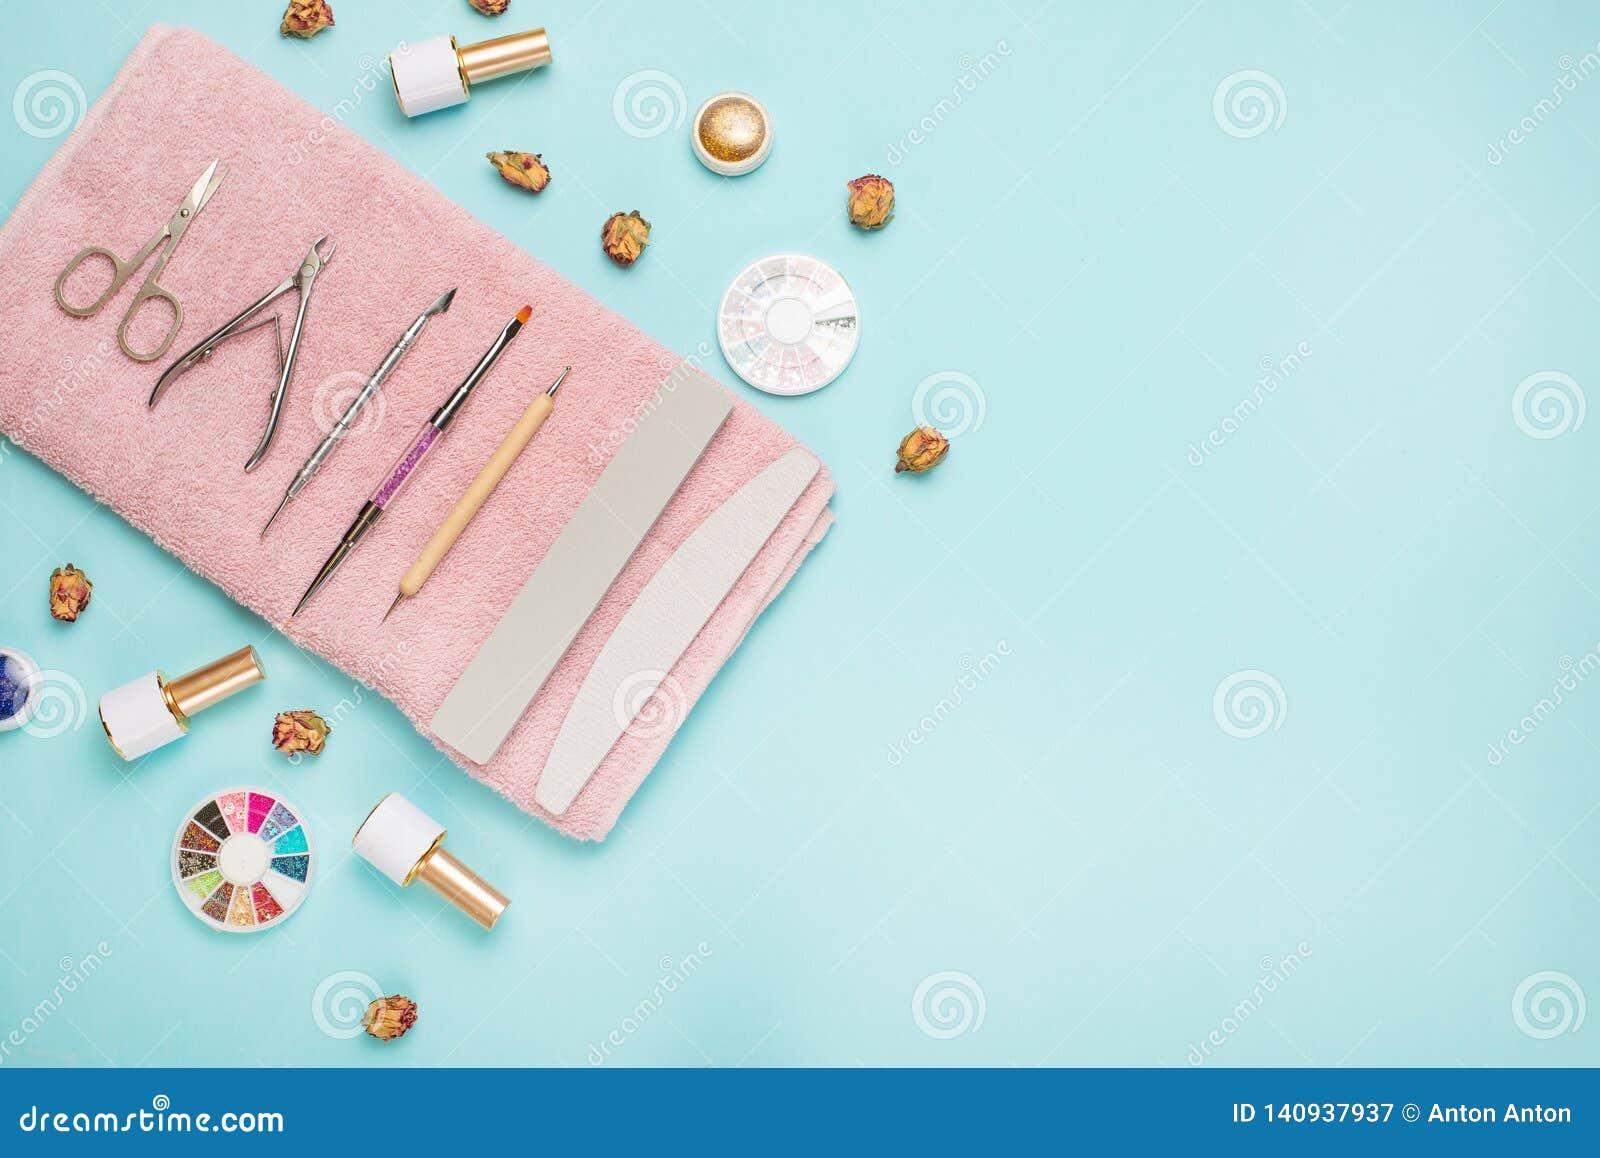 Een reeks kosmetische hulpmiddelen voor manicure en pedicure op een blauwe achtergrond Gelpoetsmiddelen, nagelvijlen en tangen en